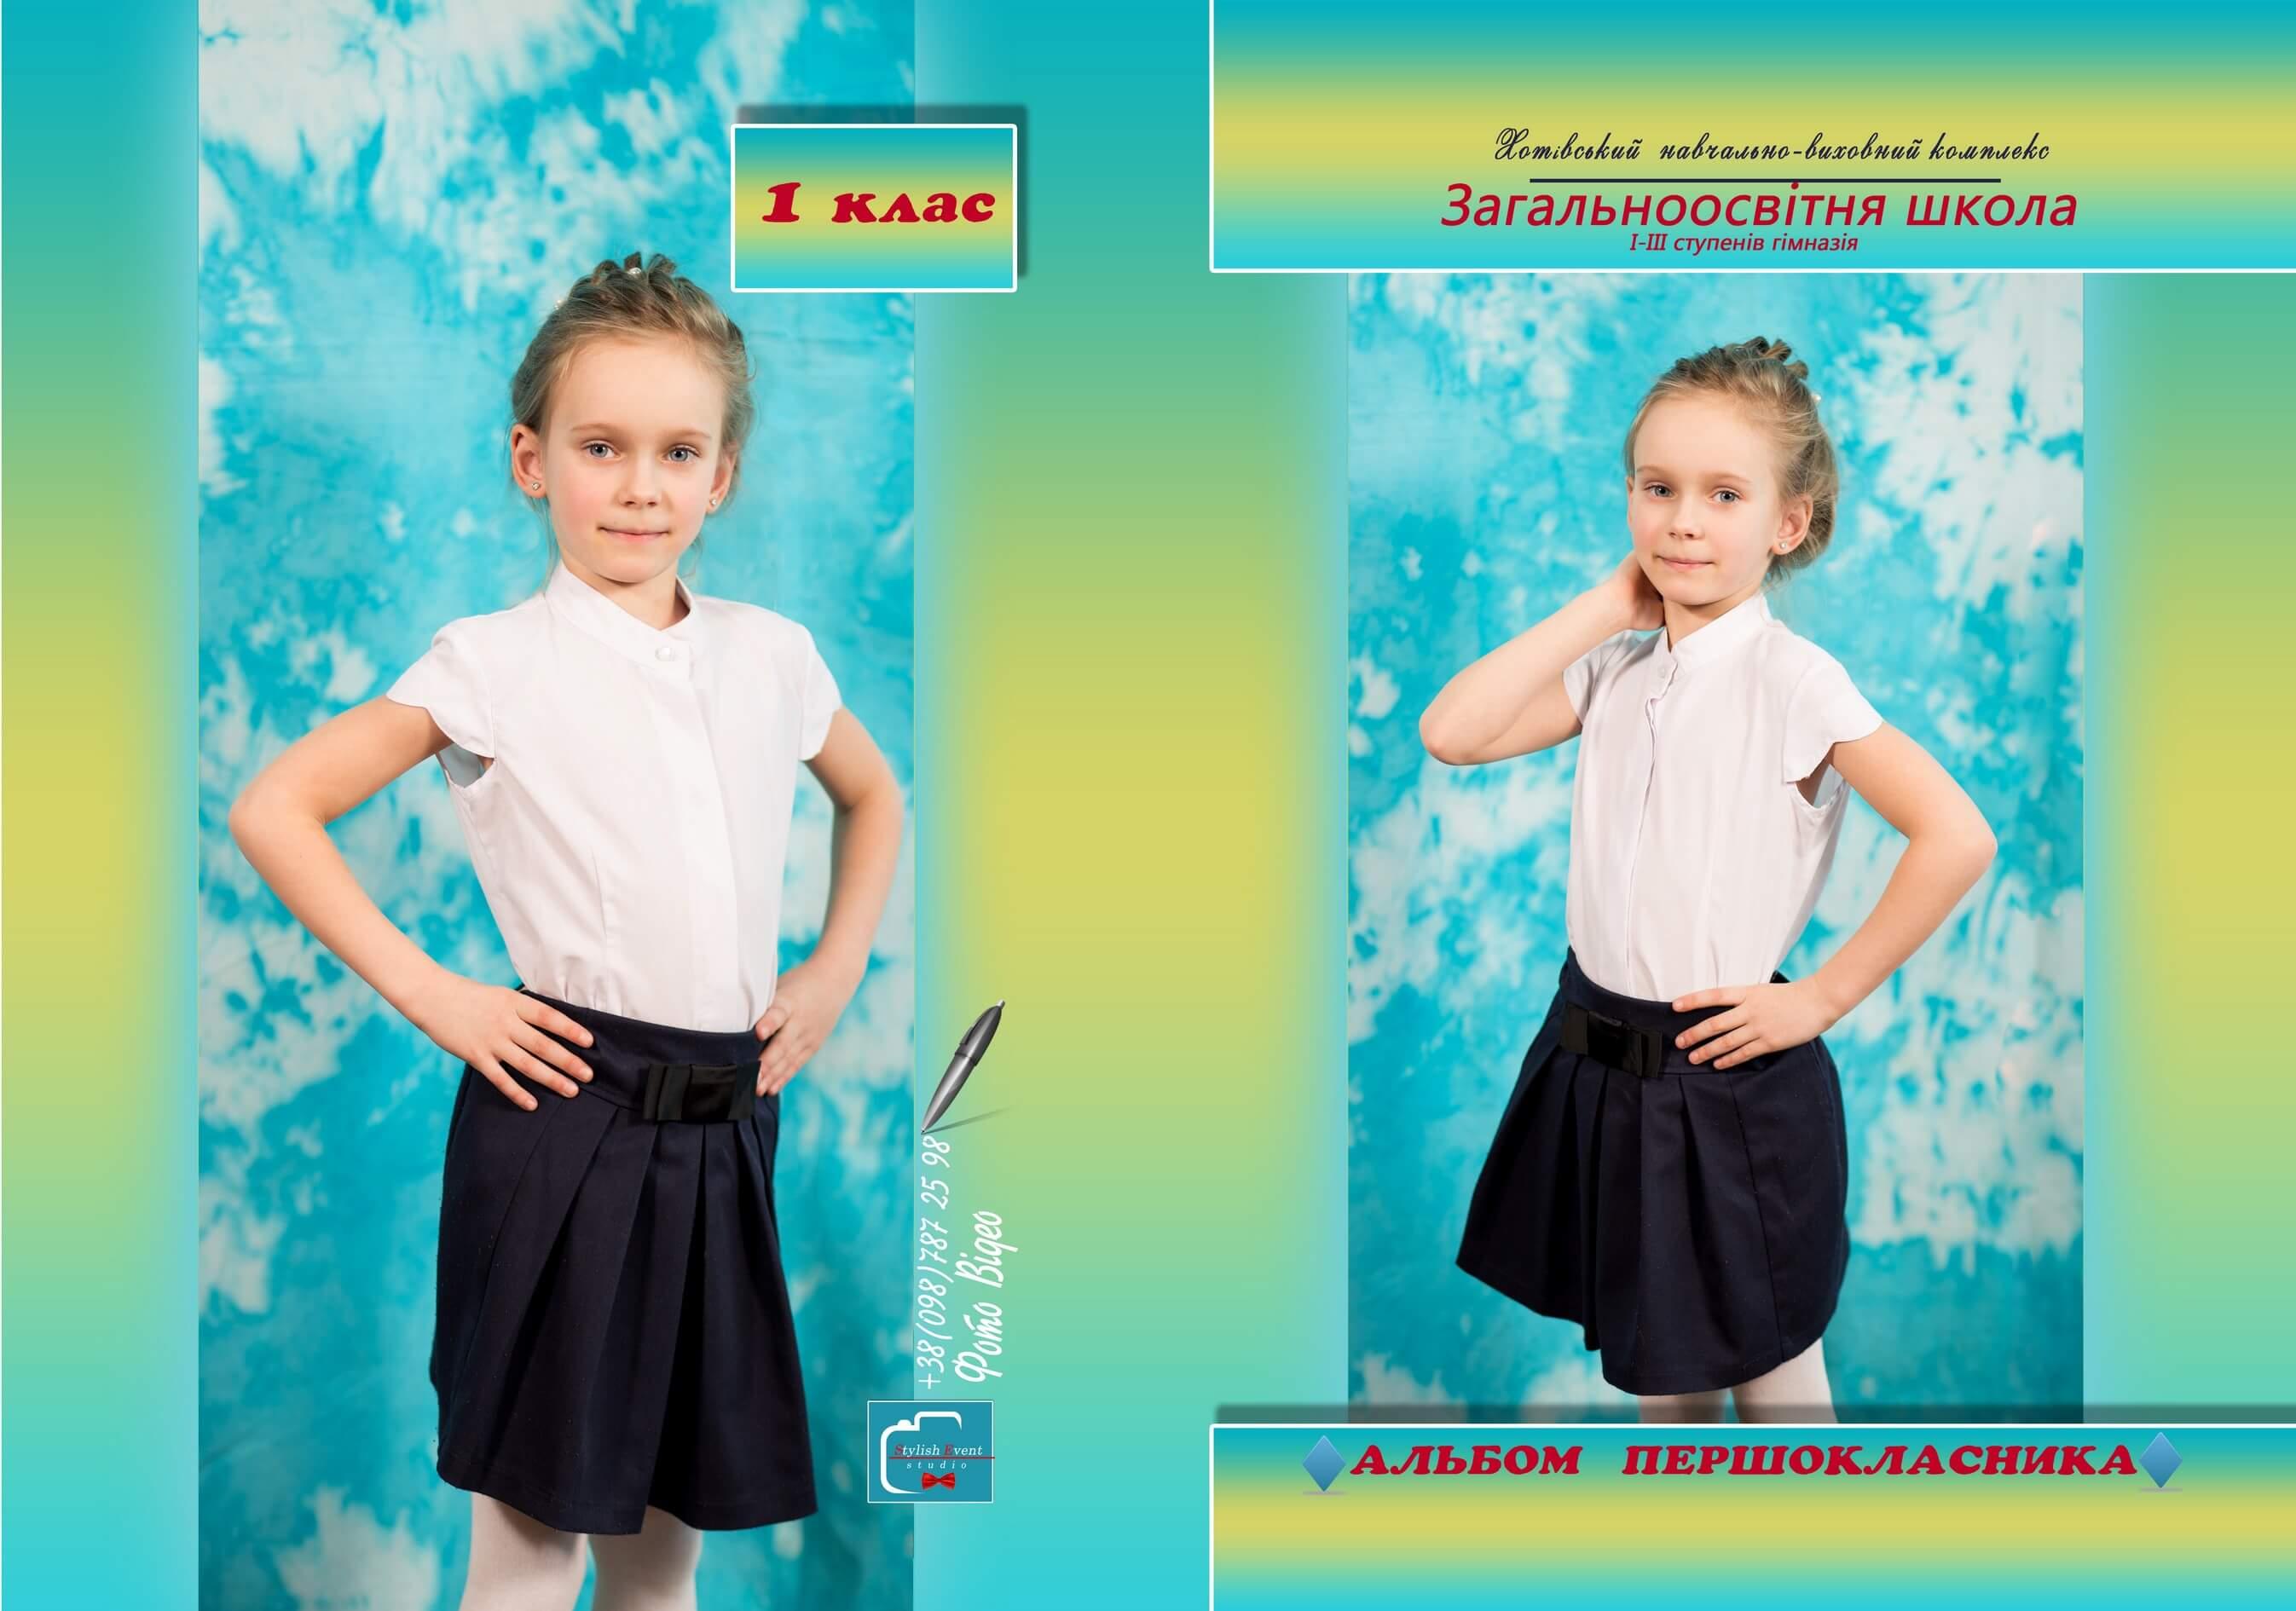 Альбомы для первого класса. Выпускные альбомы для младших классов